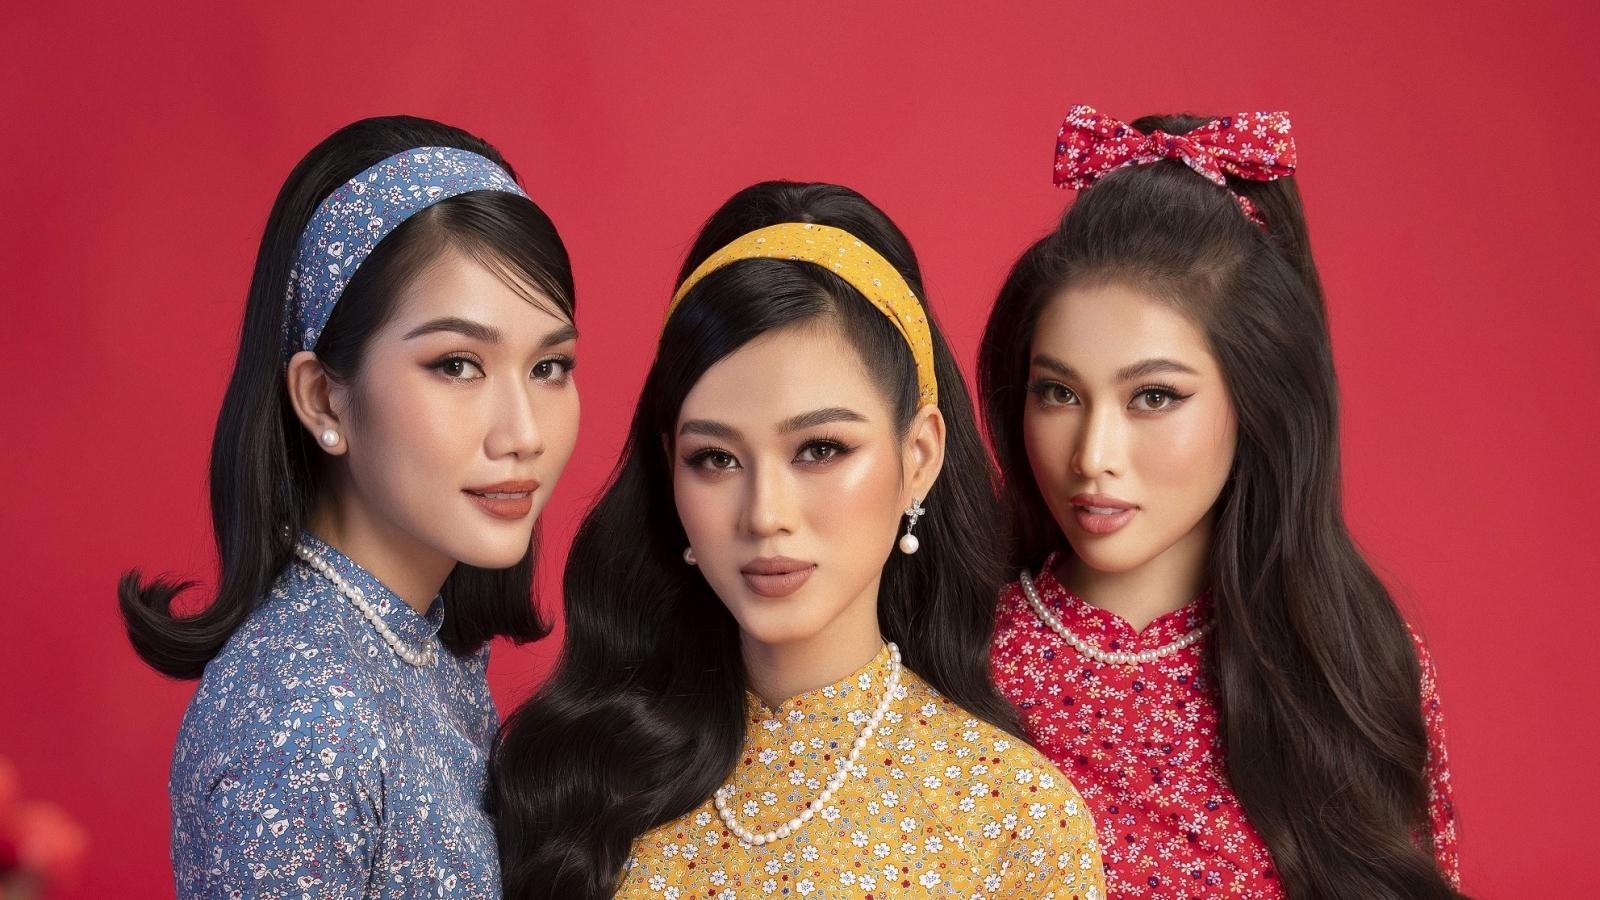 Top 3 Hoa hậu Việt Nam 2020 hóa giai nhân xưa trong bộ ảnh Tết